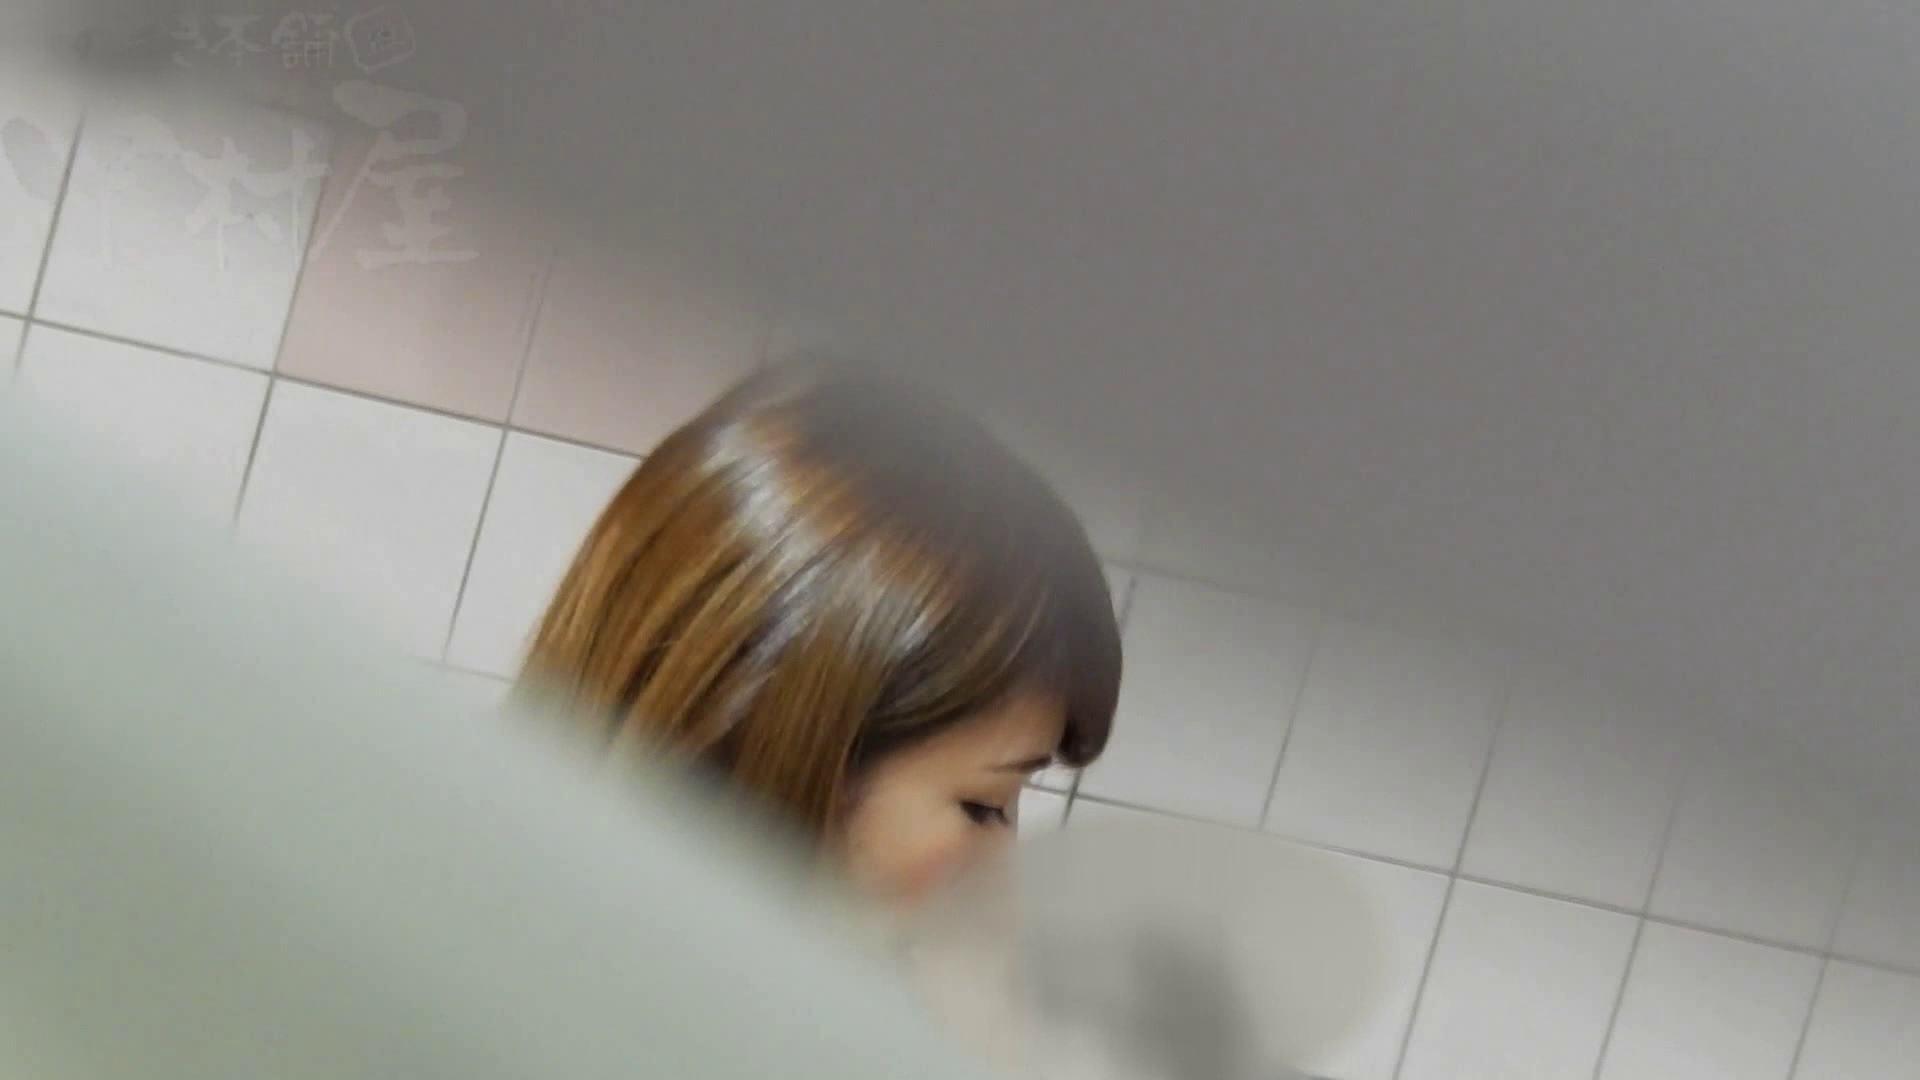 美しい日本の未来 No.08 腕を磨き再発進 放尿 セックス画像 90PICs 19